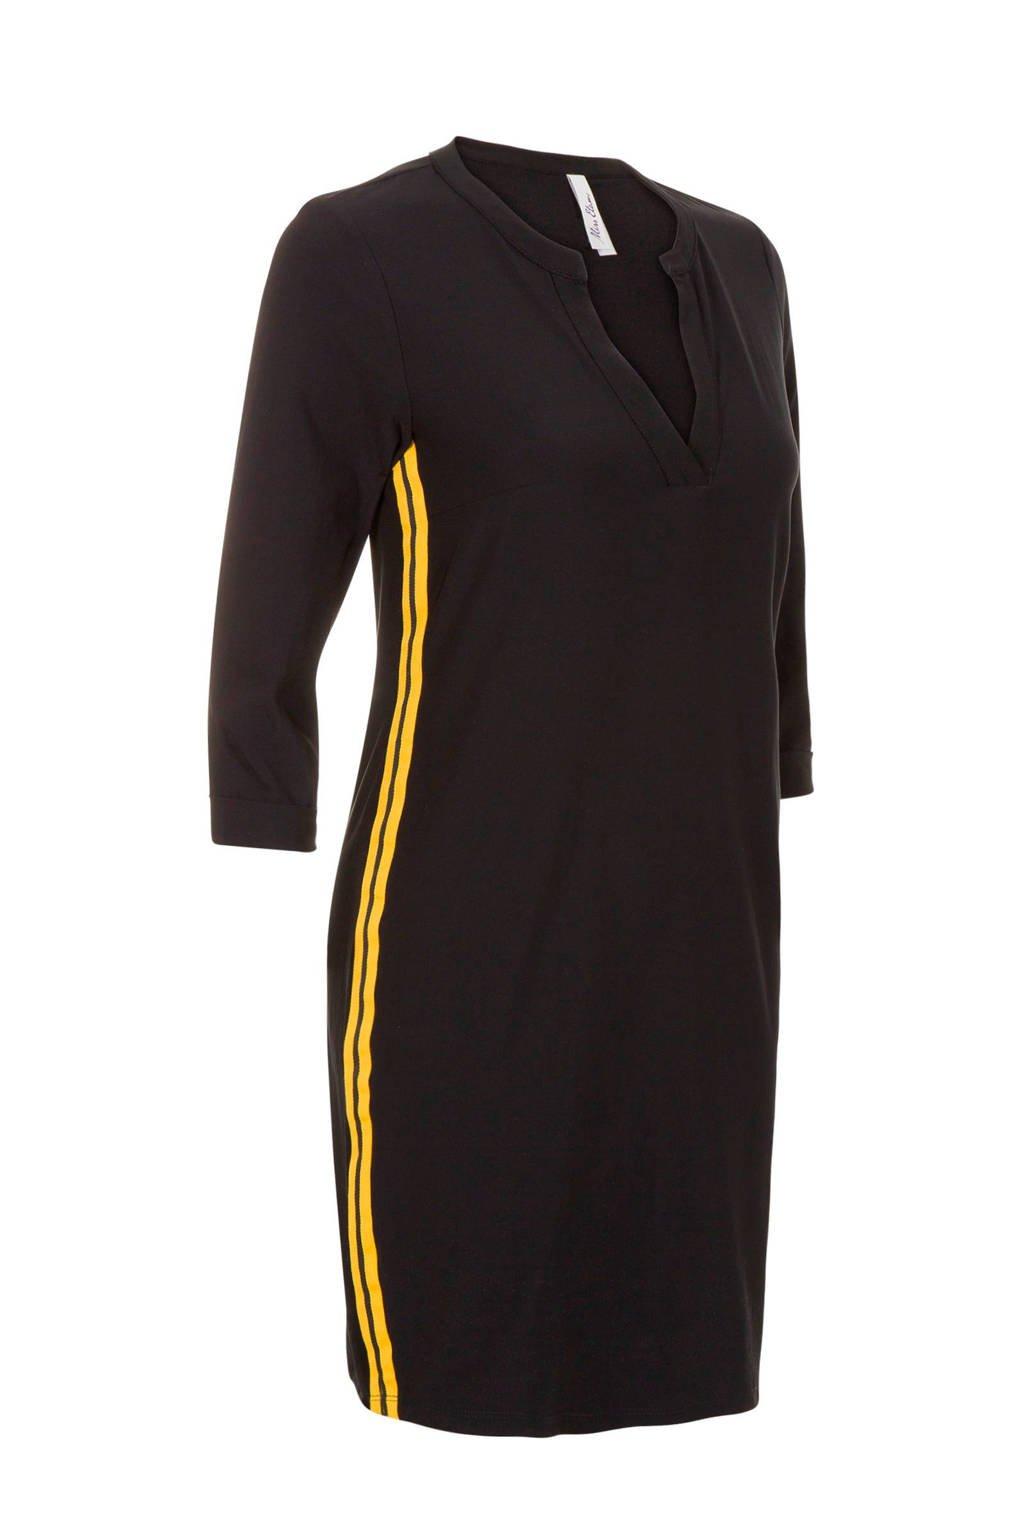 Miss Etam Regulier jurk van travelstof met zijstreep zwart, Zwart/geel